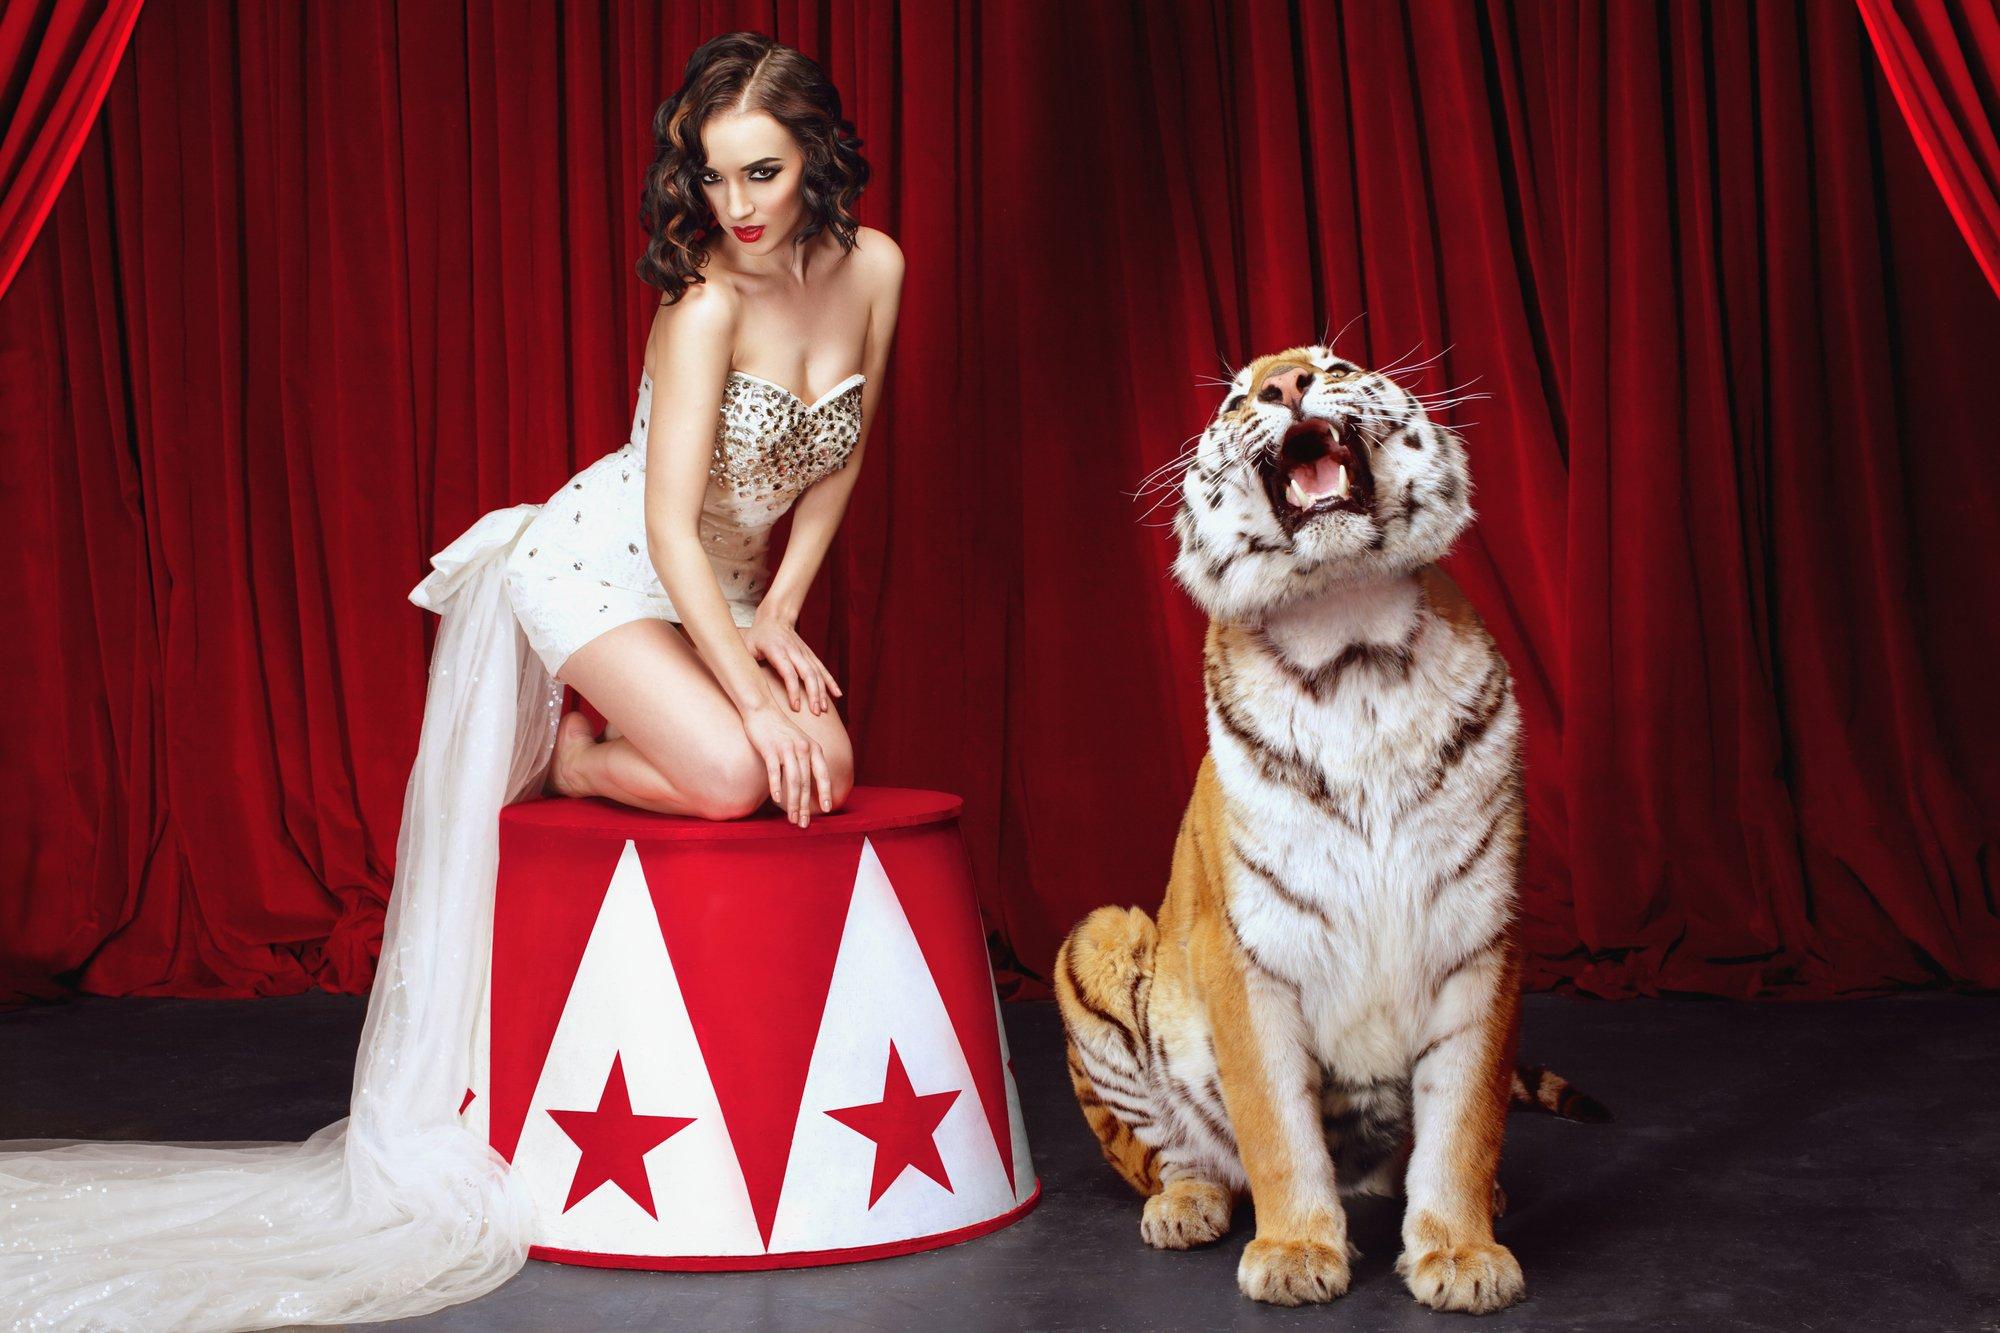 depositphotos 95264180 l 2015.jpg?resize=412,232 - Après avoir travaillé pour un cirque, elle se confie sur le sort réservé aux animaux.